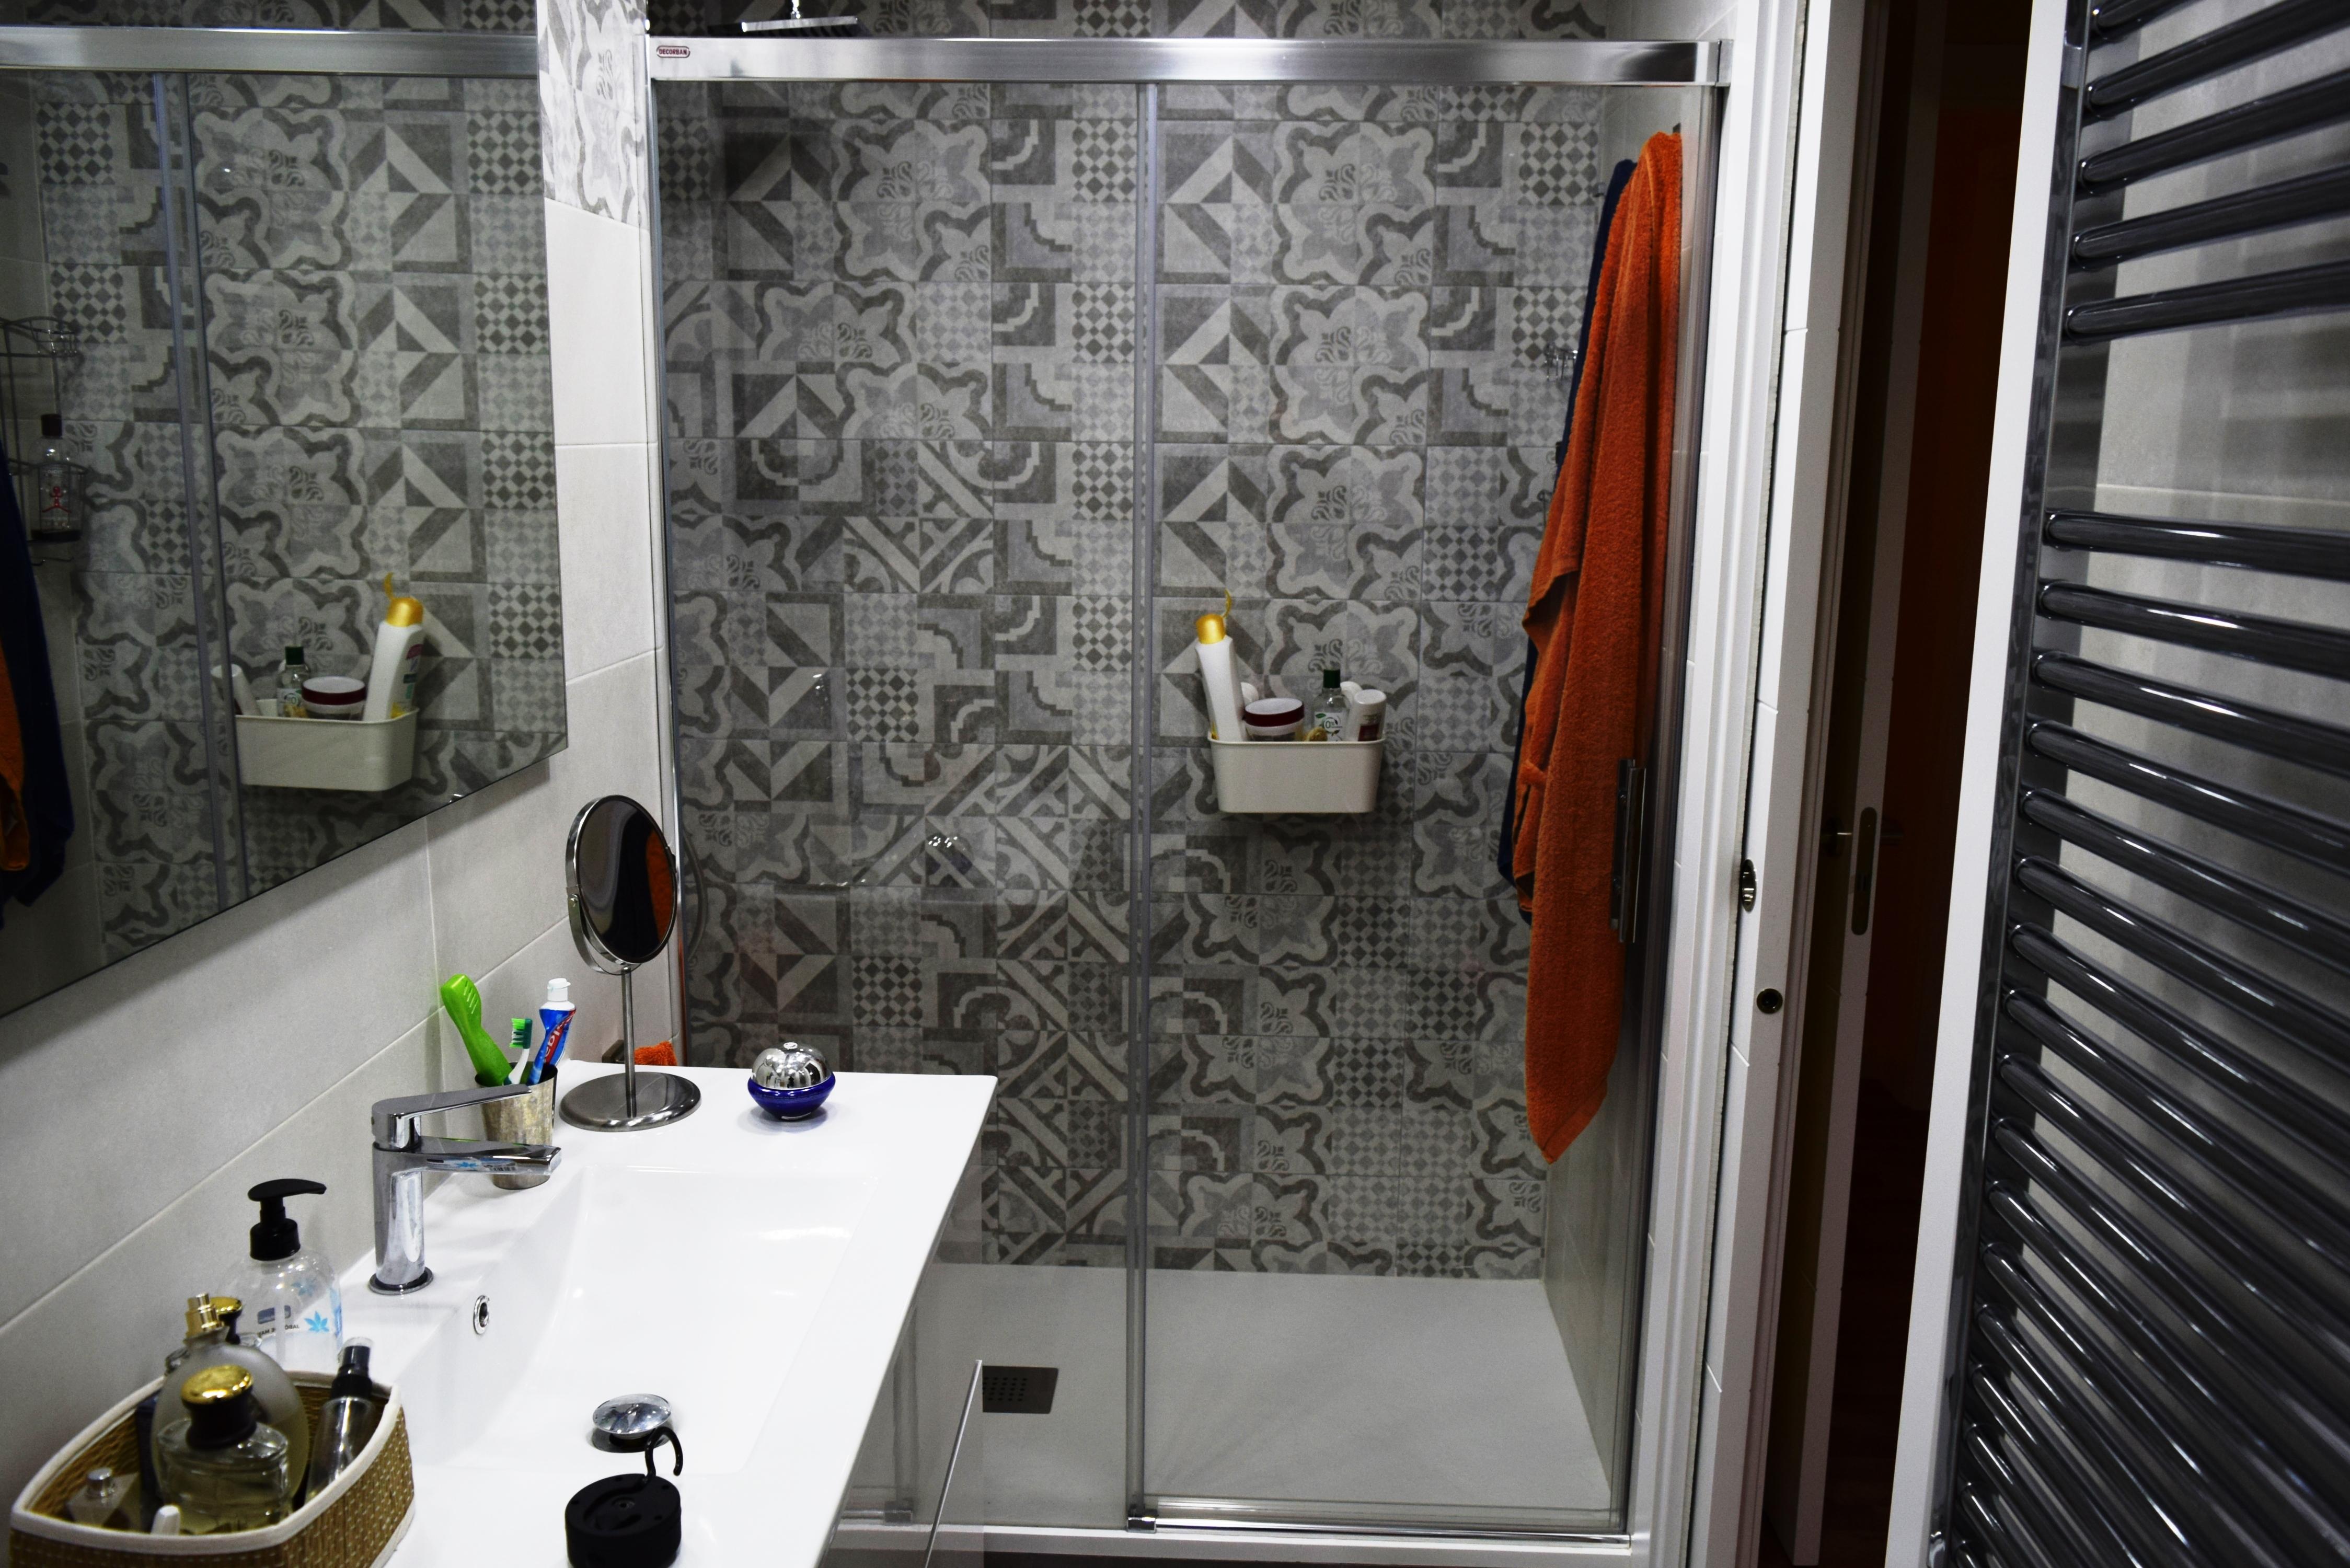 Reforma Baño Estrecho:Reforma Baño Integral – Empresa de reformas en Alcalá de Henares